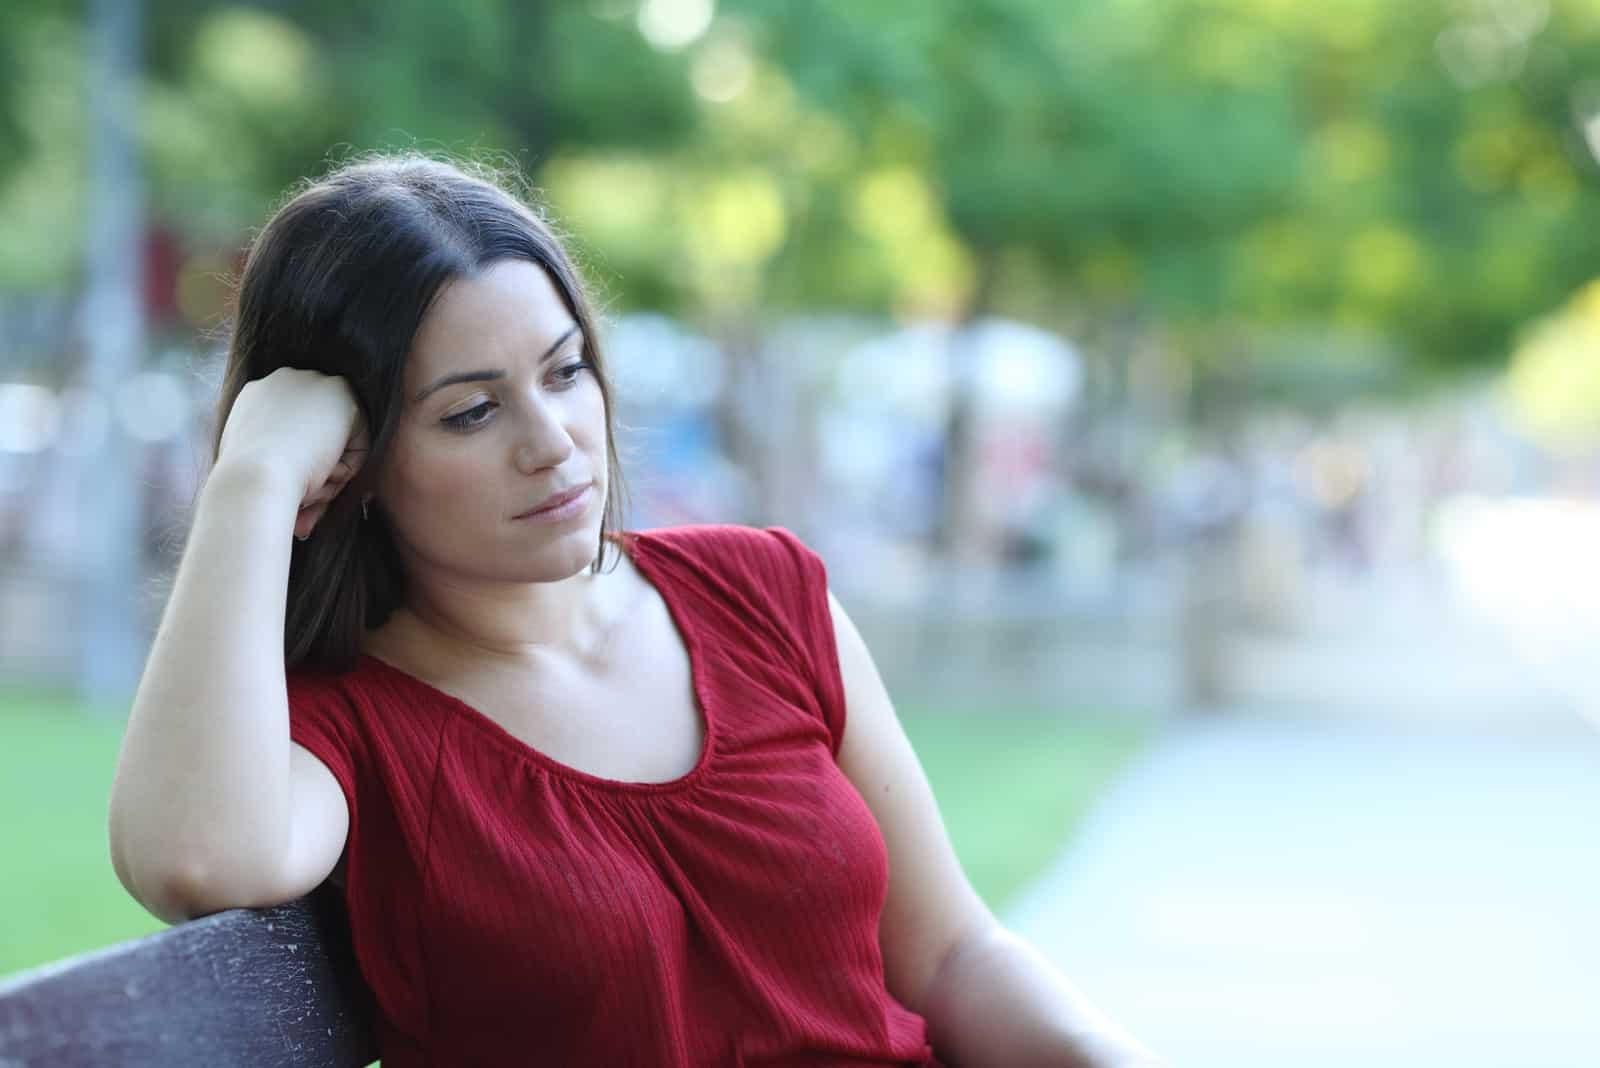 Frau sitzt auf einer Bank in einem Park